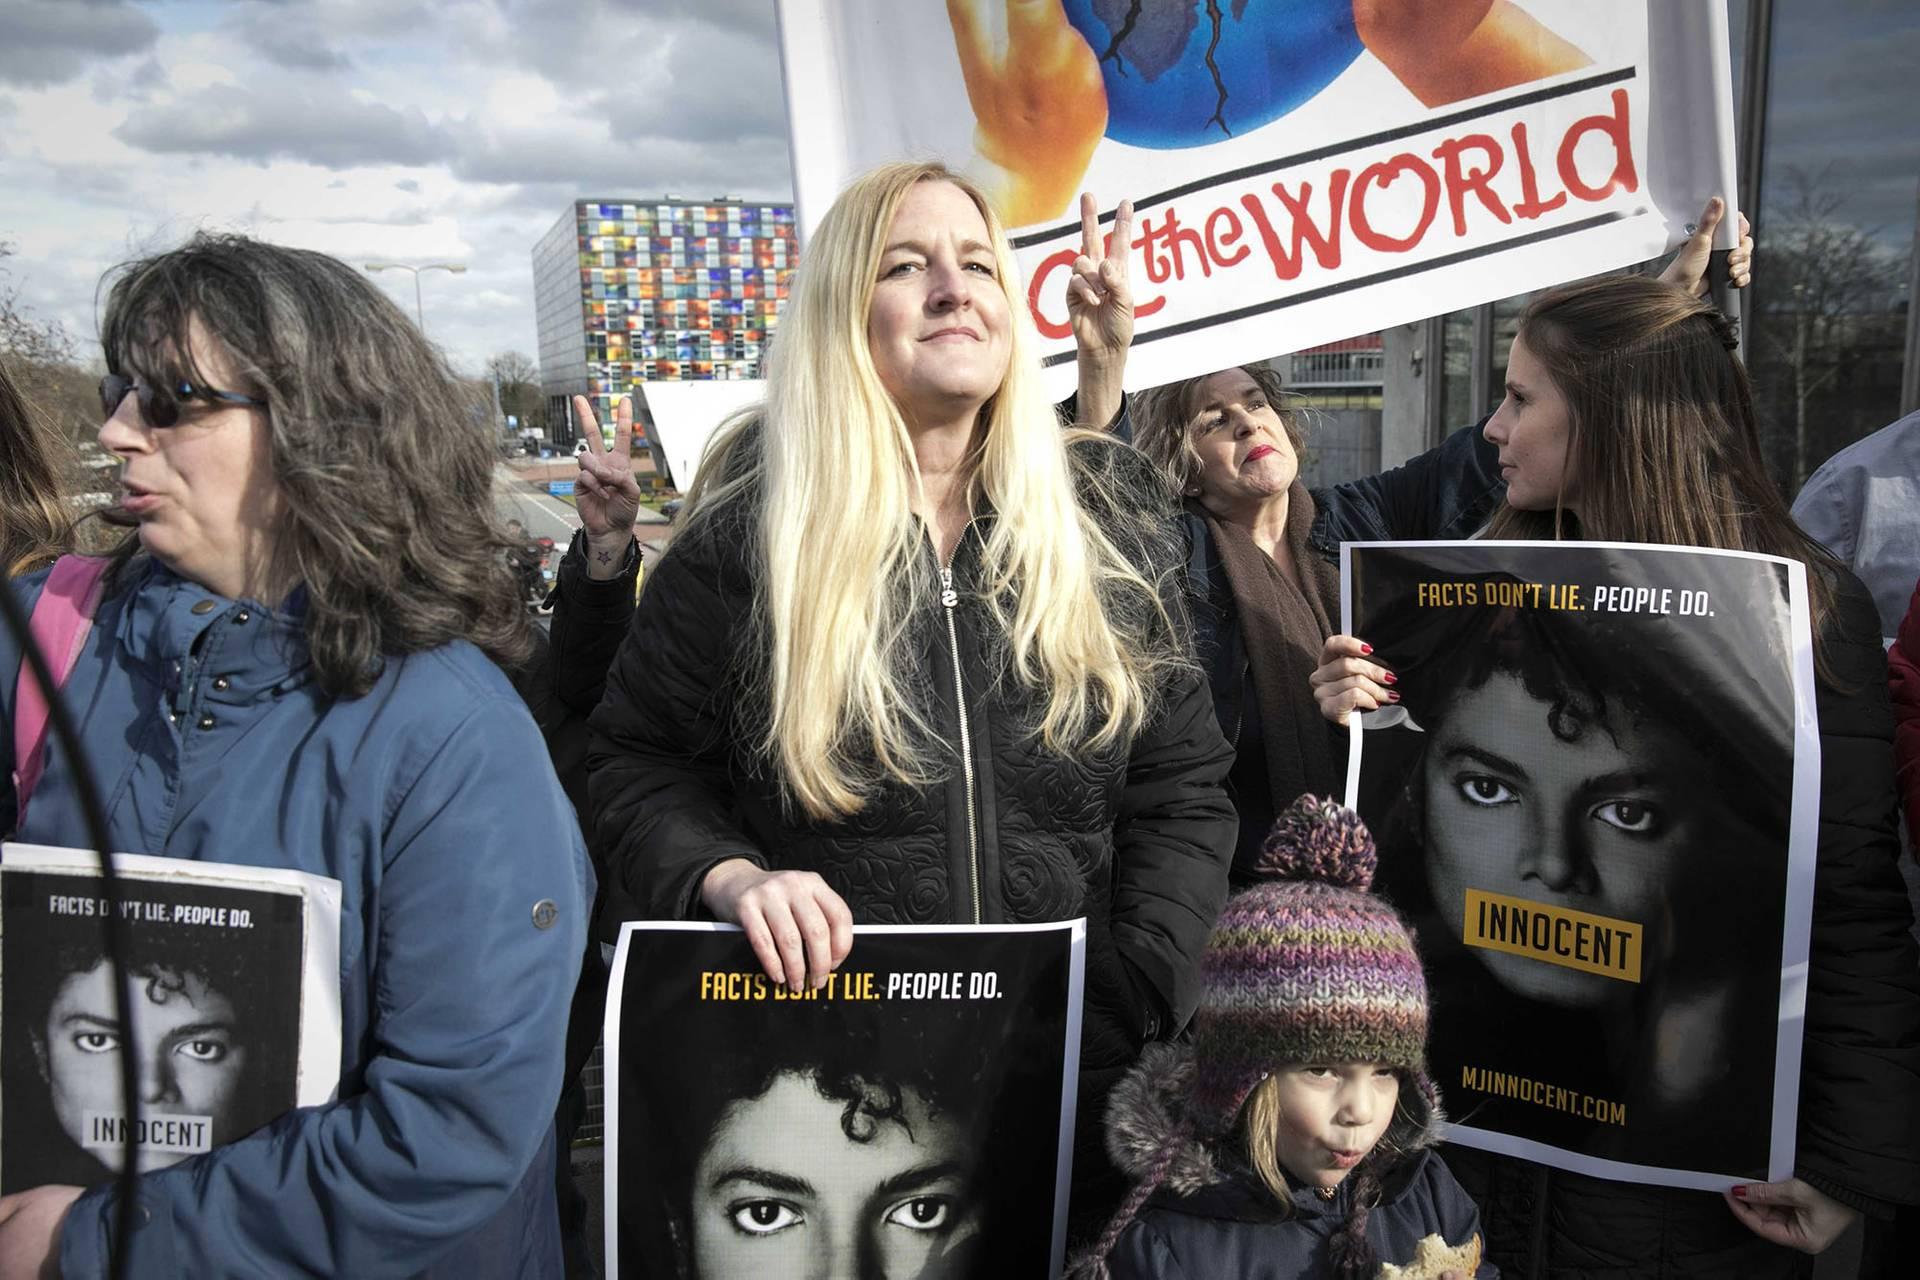 Шанувальники Майкла Джексона прийшли до офісу нідерландської телекомпанії NPO, вимагаючи не знімати з ефіру контент за участі їхнього улюбленого співака, Хілверсум, Нідерланди, 8 березня 2019 року. На плакатах напис «невинний»